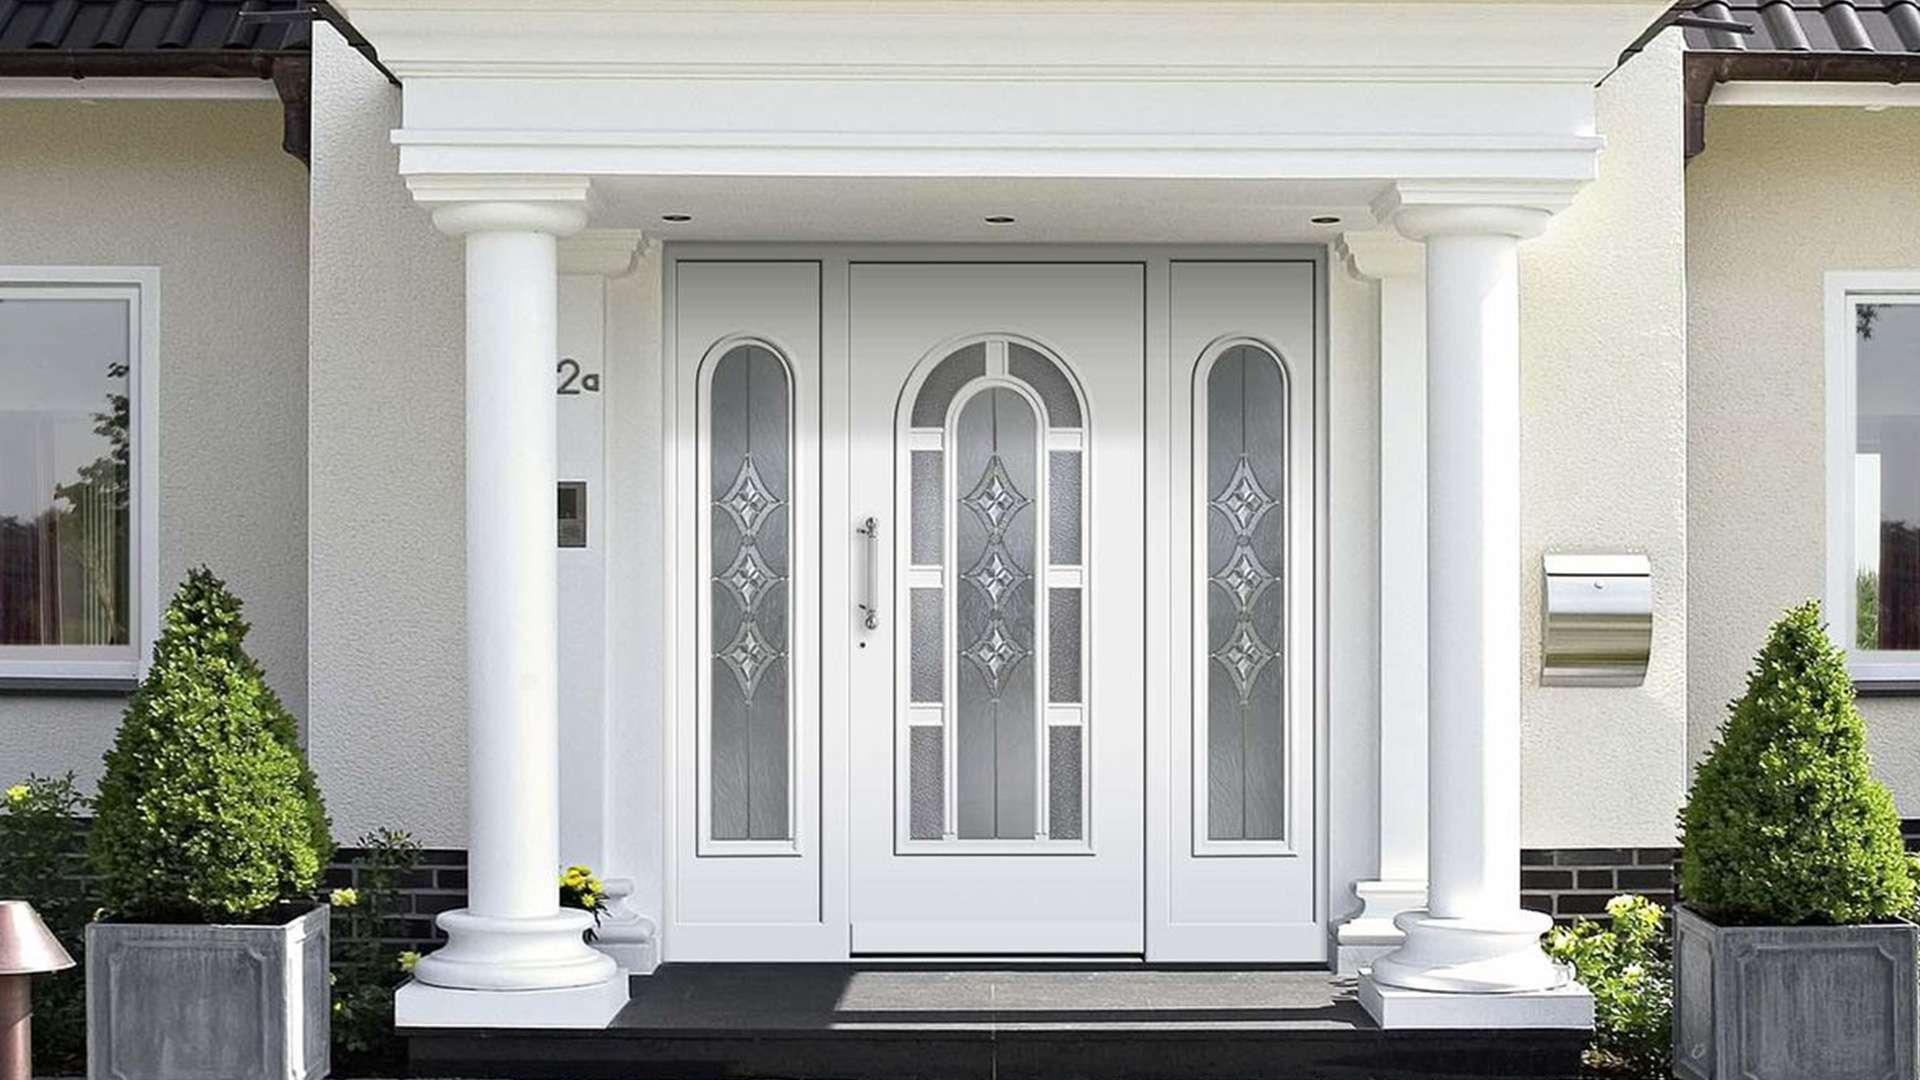 weiße Haustür mit Glaselementen auf beiden Seiten und zwei Säulen vor dem Eingang an einem hellen haus